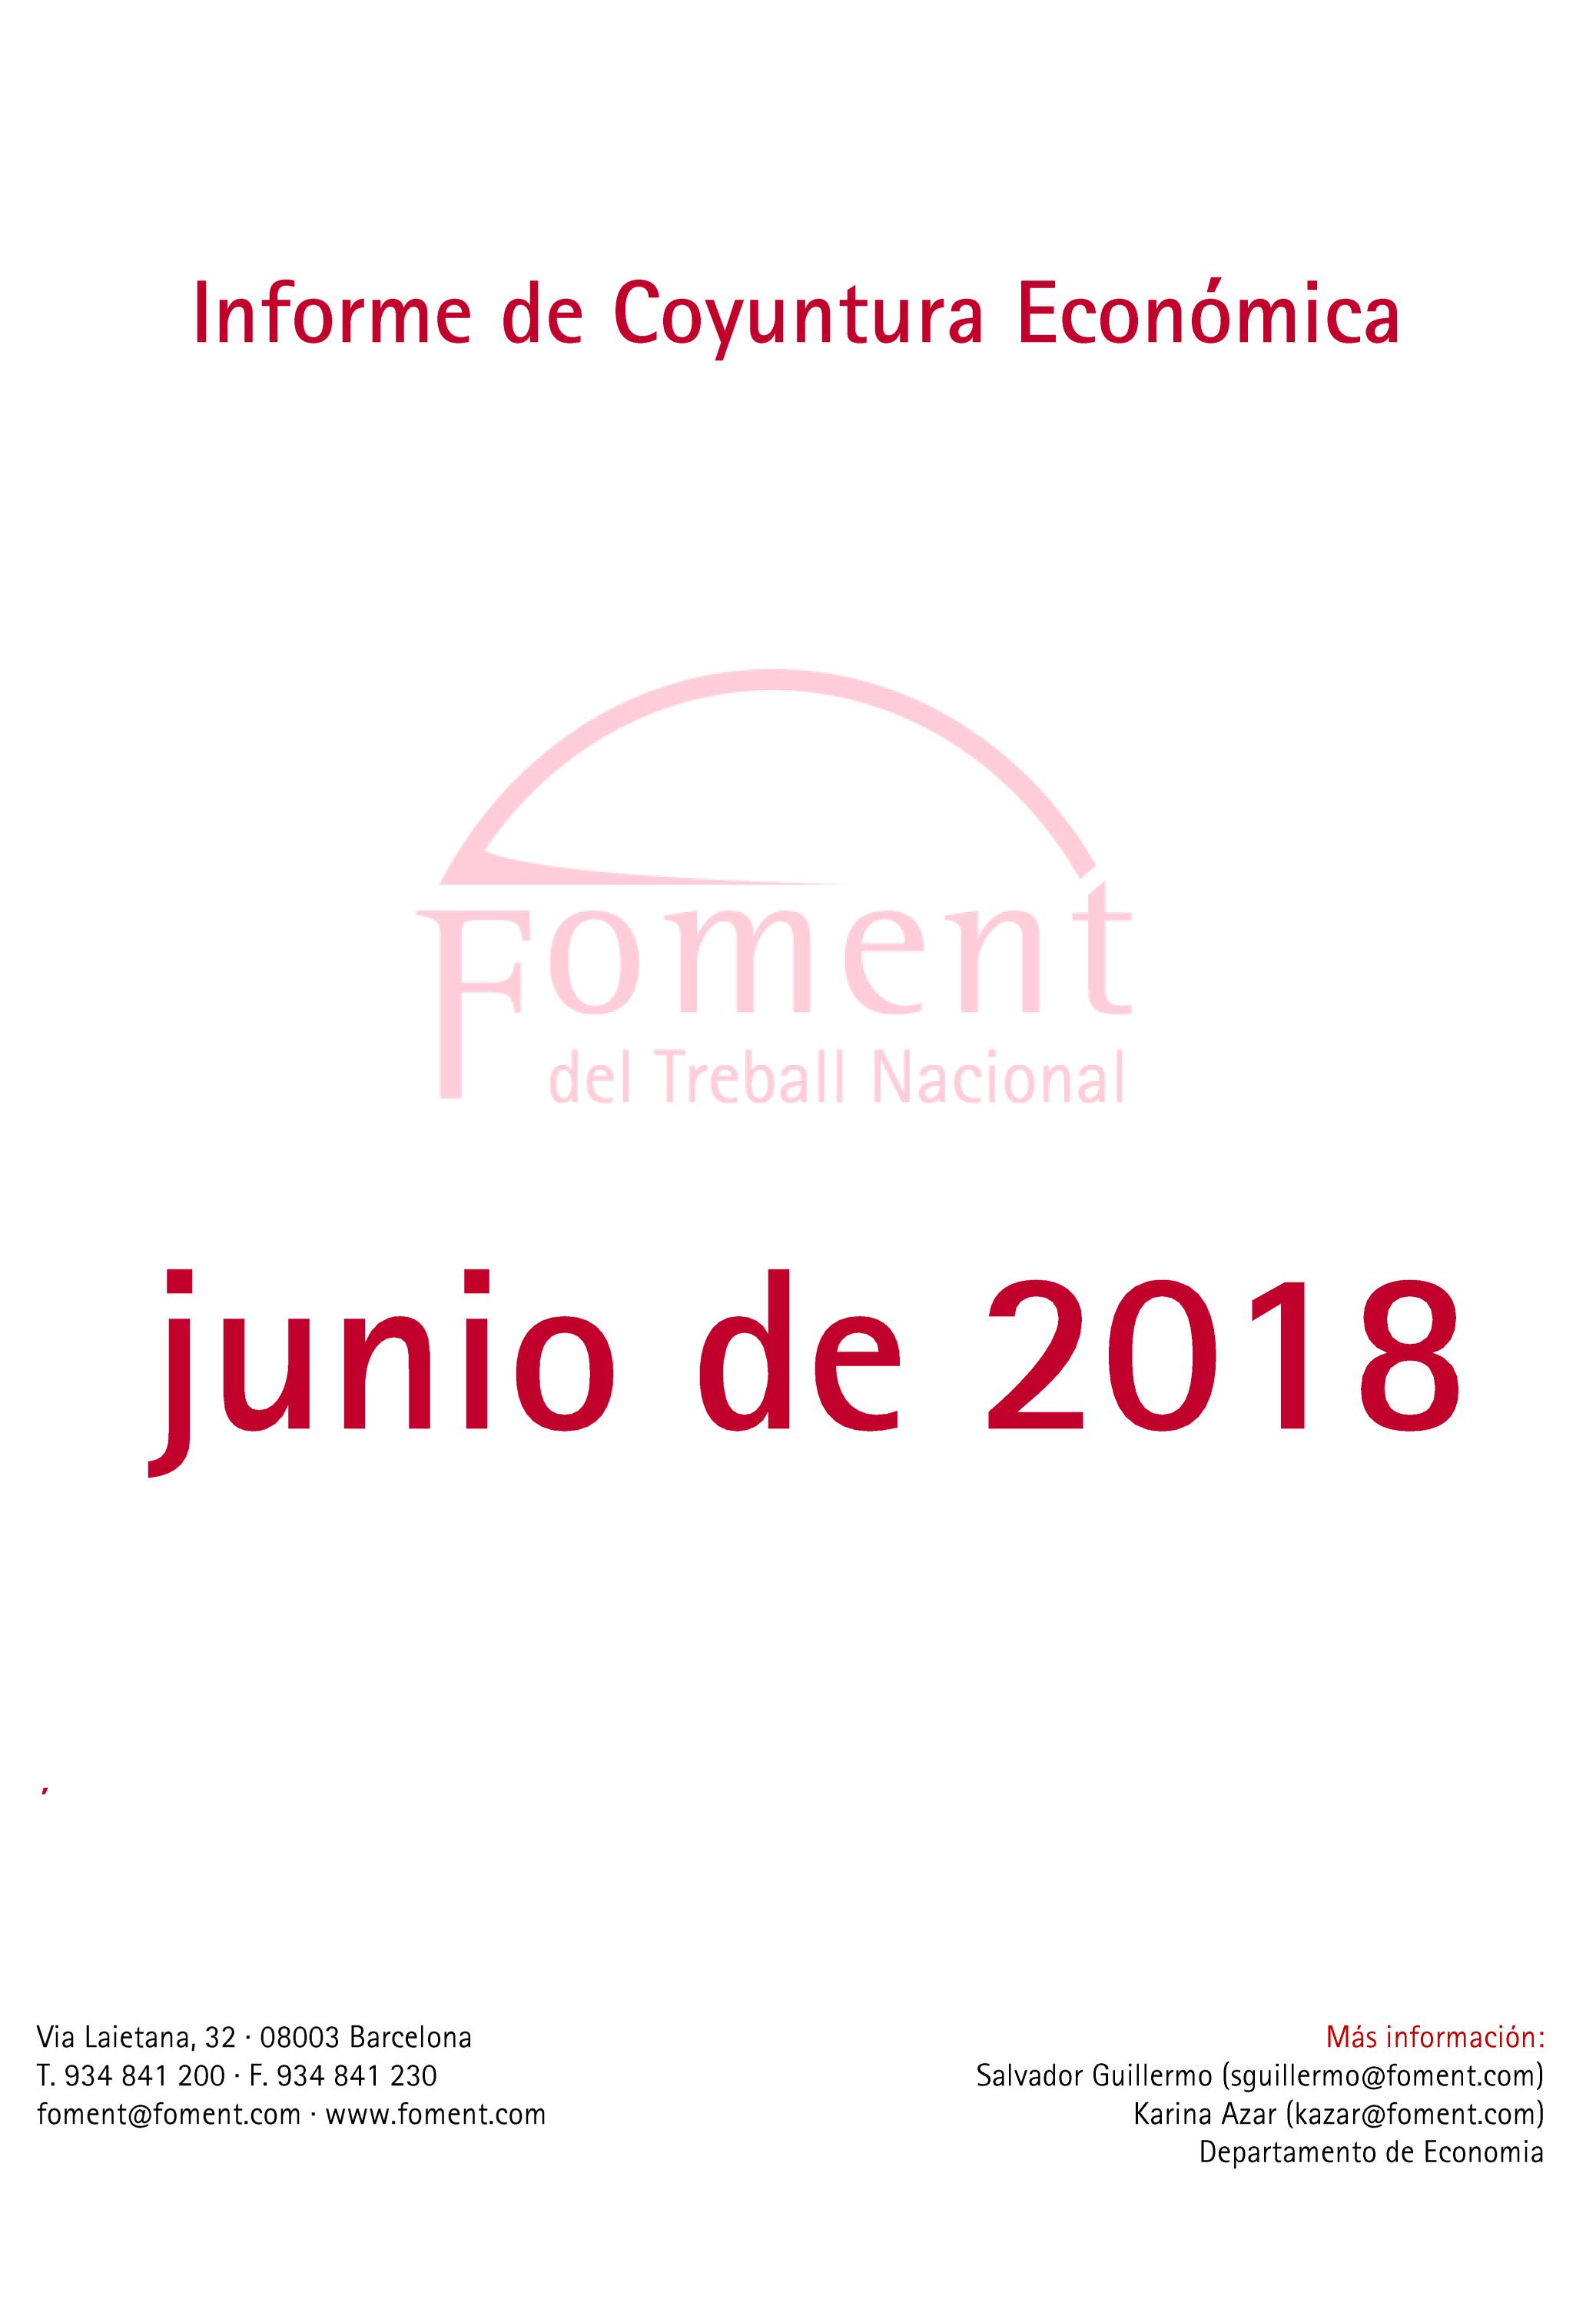 Informe de Coyuntura Económica en Cataluña. Junio de 2018